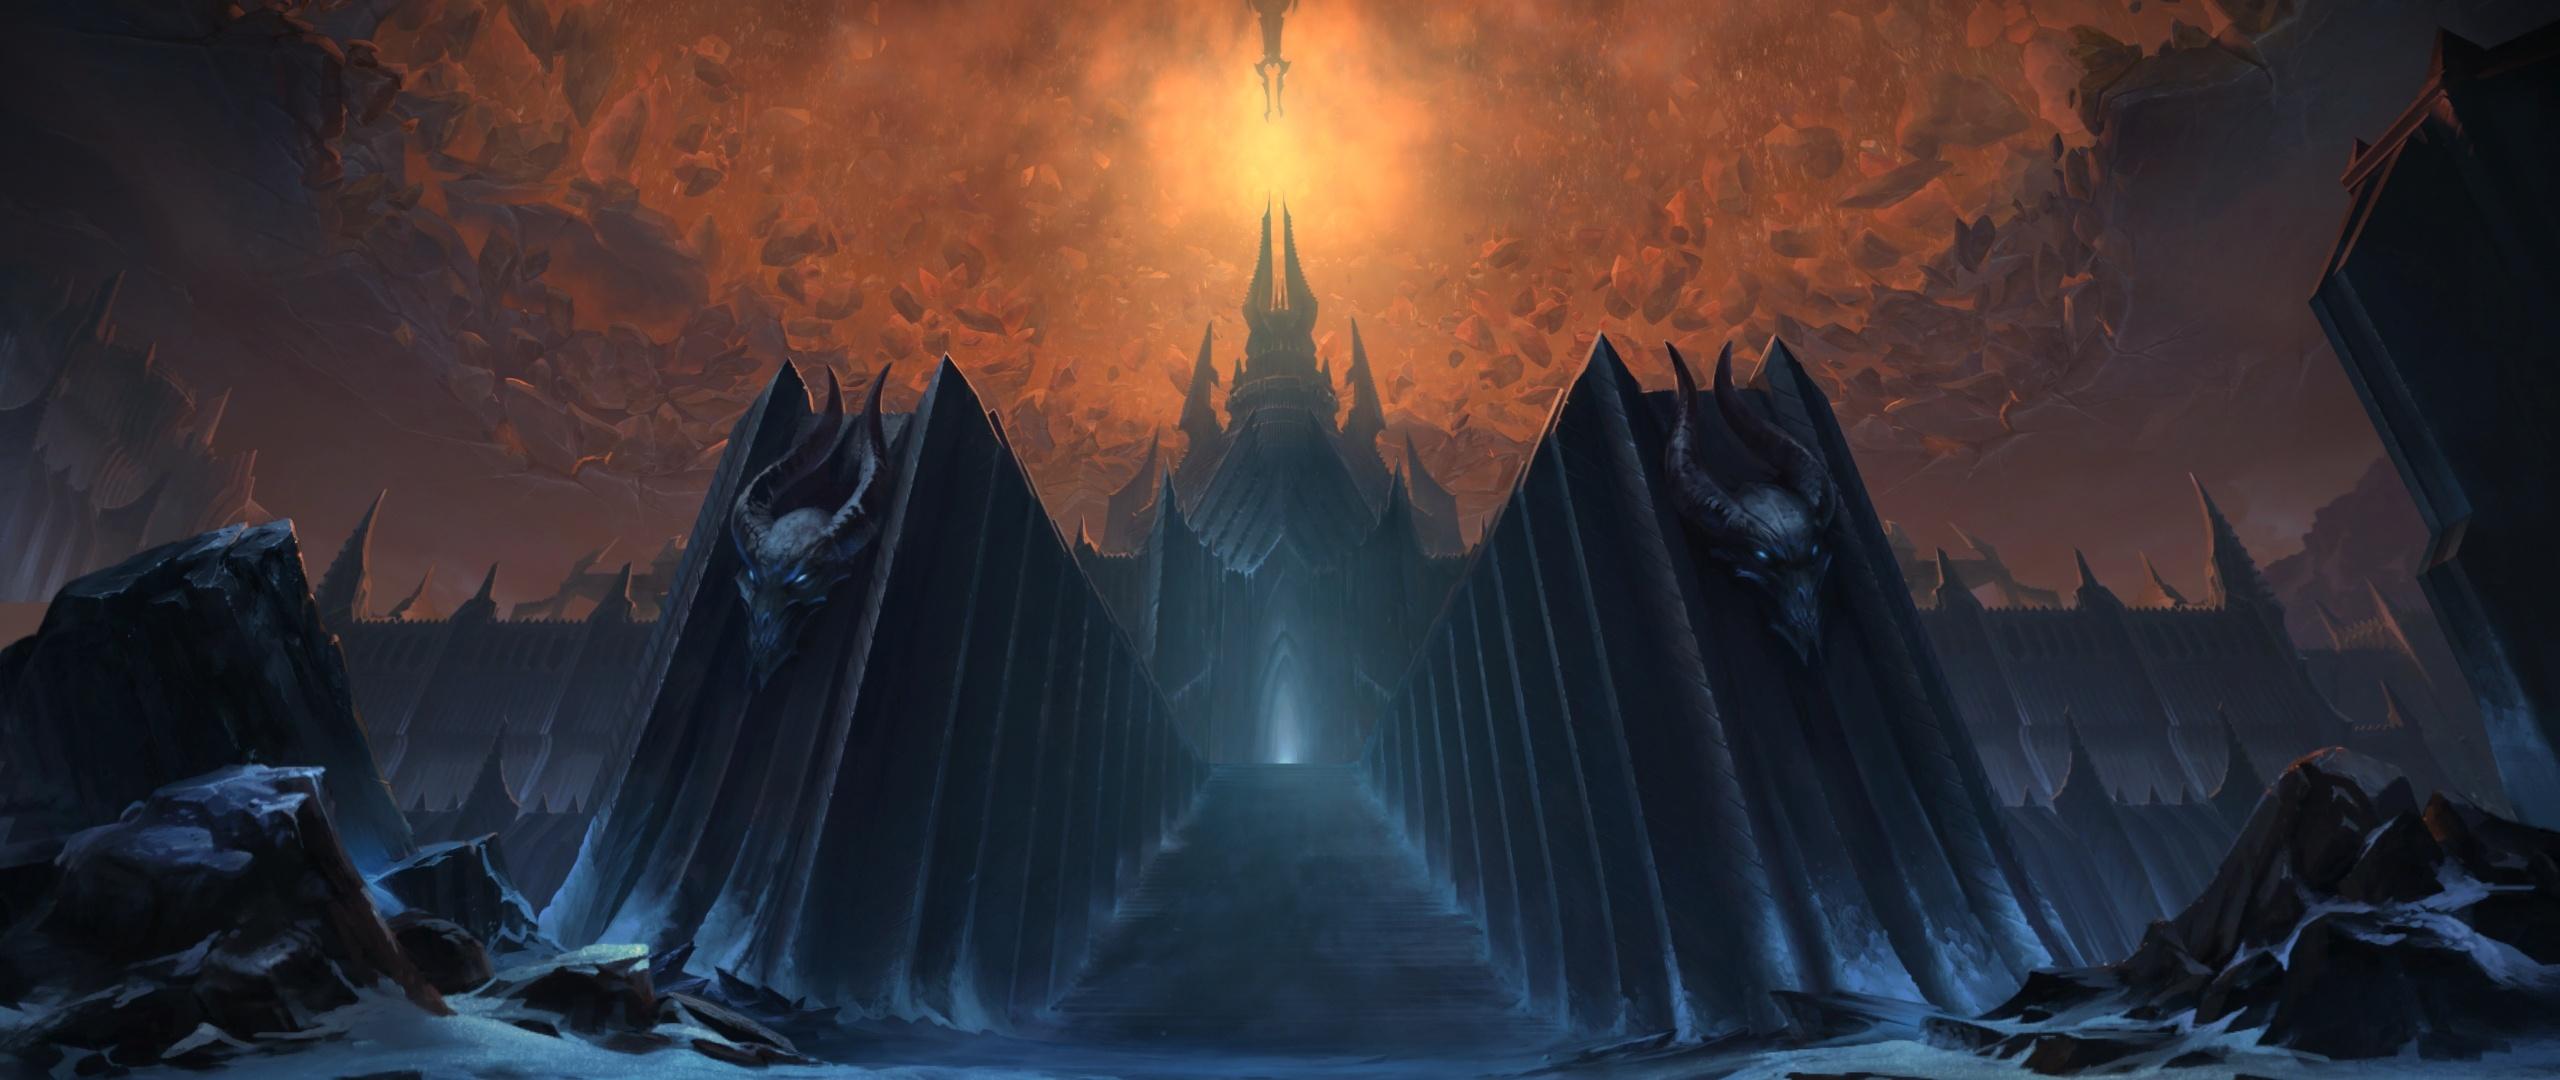 《魔兽世界:暗影国度》登陆界面曝光 冰冠堡垒